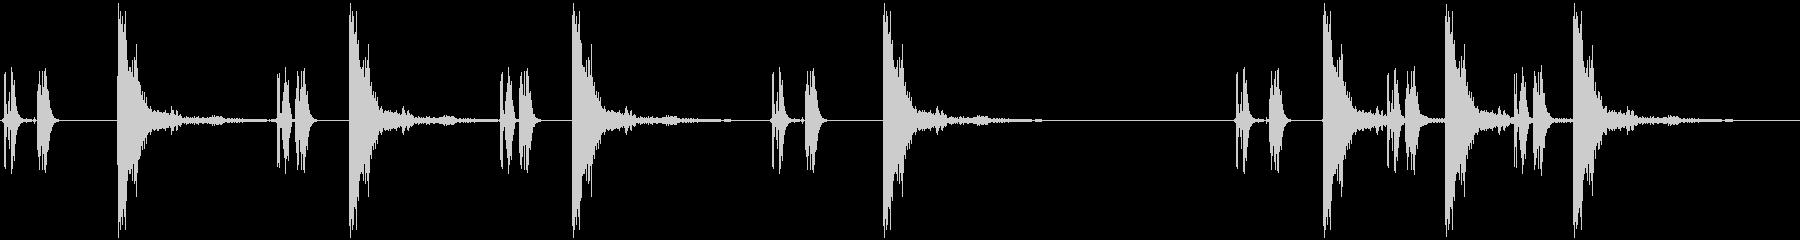 ポンプアクションショットガン:ポン...の未再生の波形